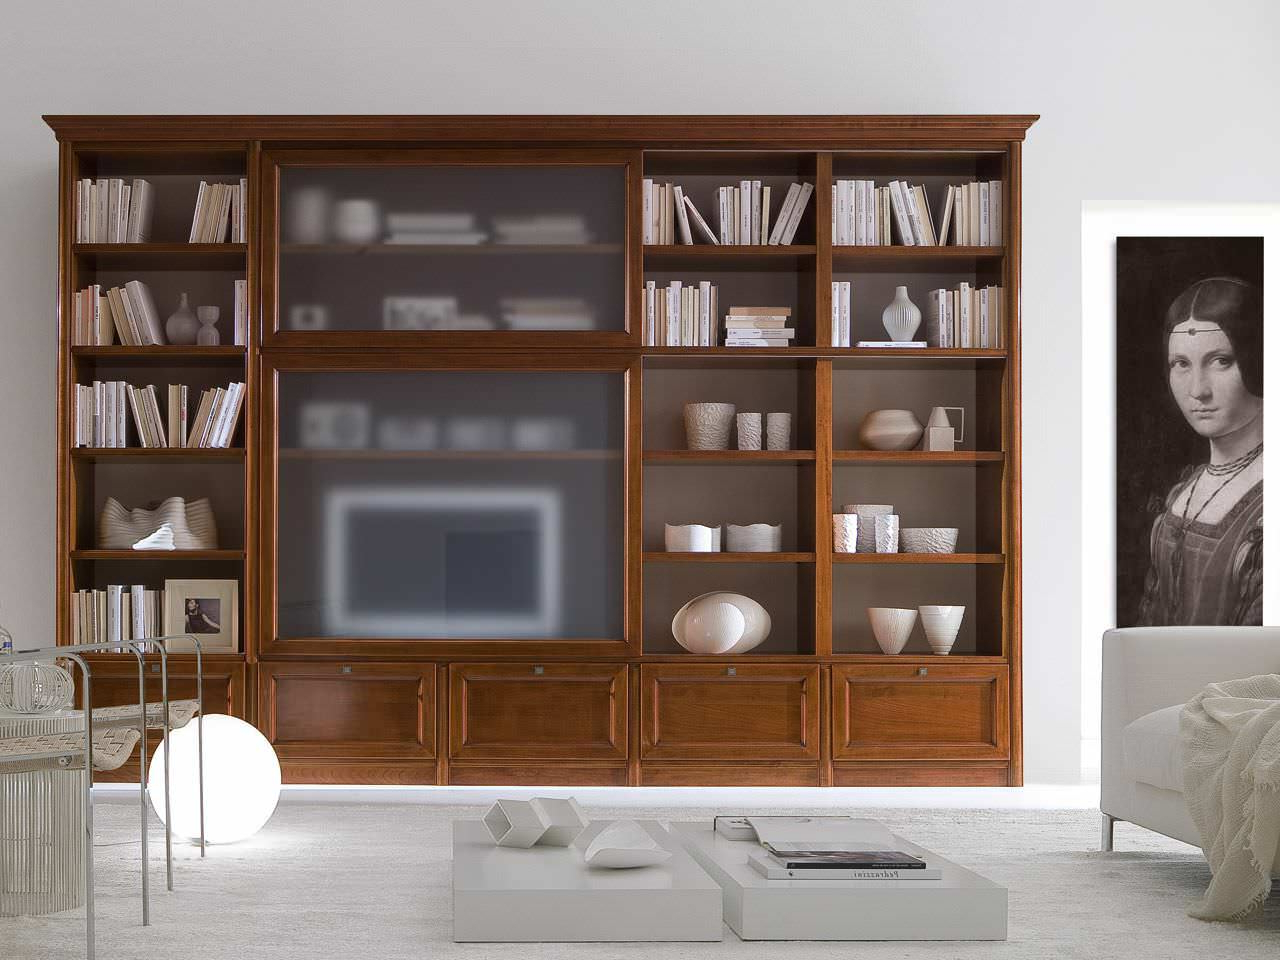 Traditional Tv Cabinet / Wooden – Livingpierangelo Sciuto For Widely Used Traditional Tv Cabinets (View 3 of 20)